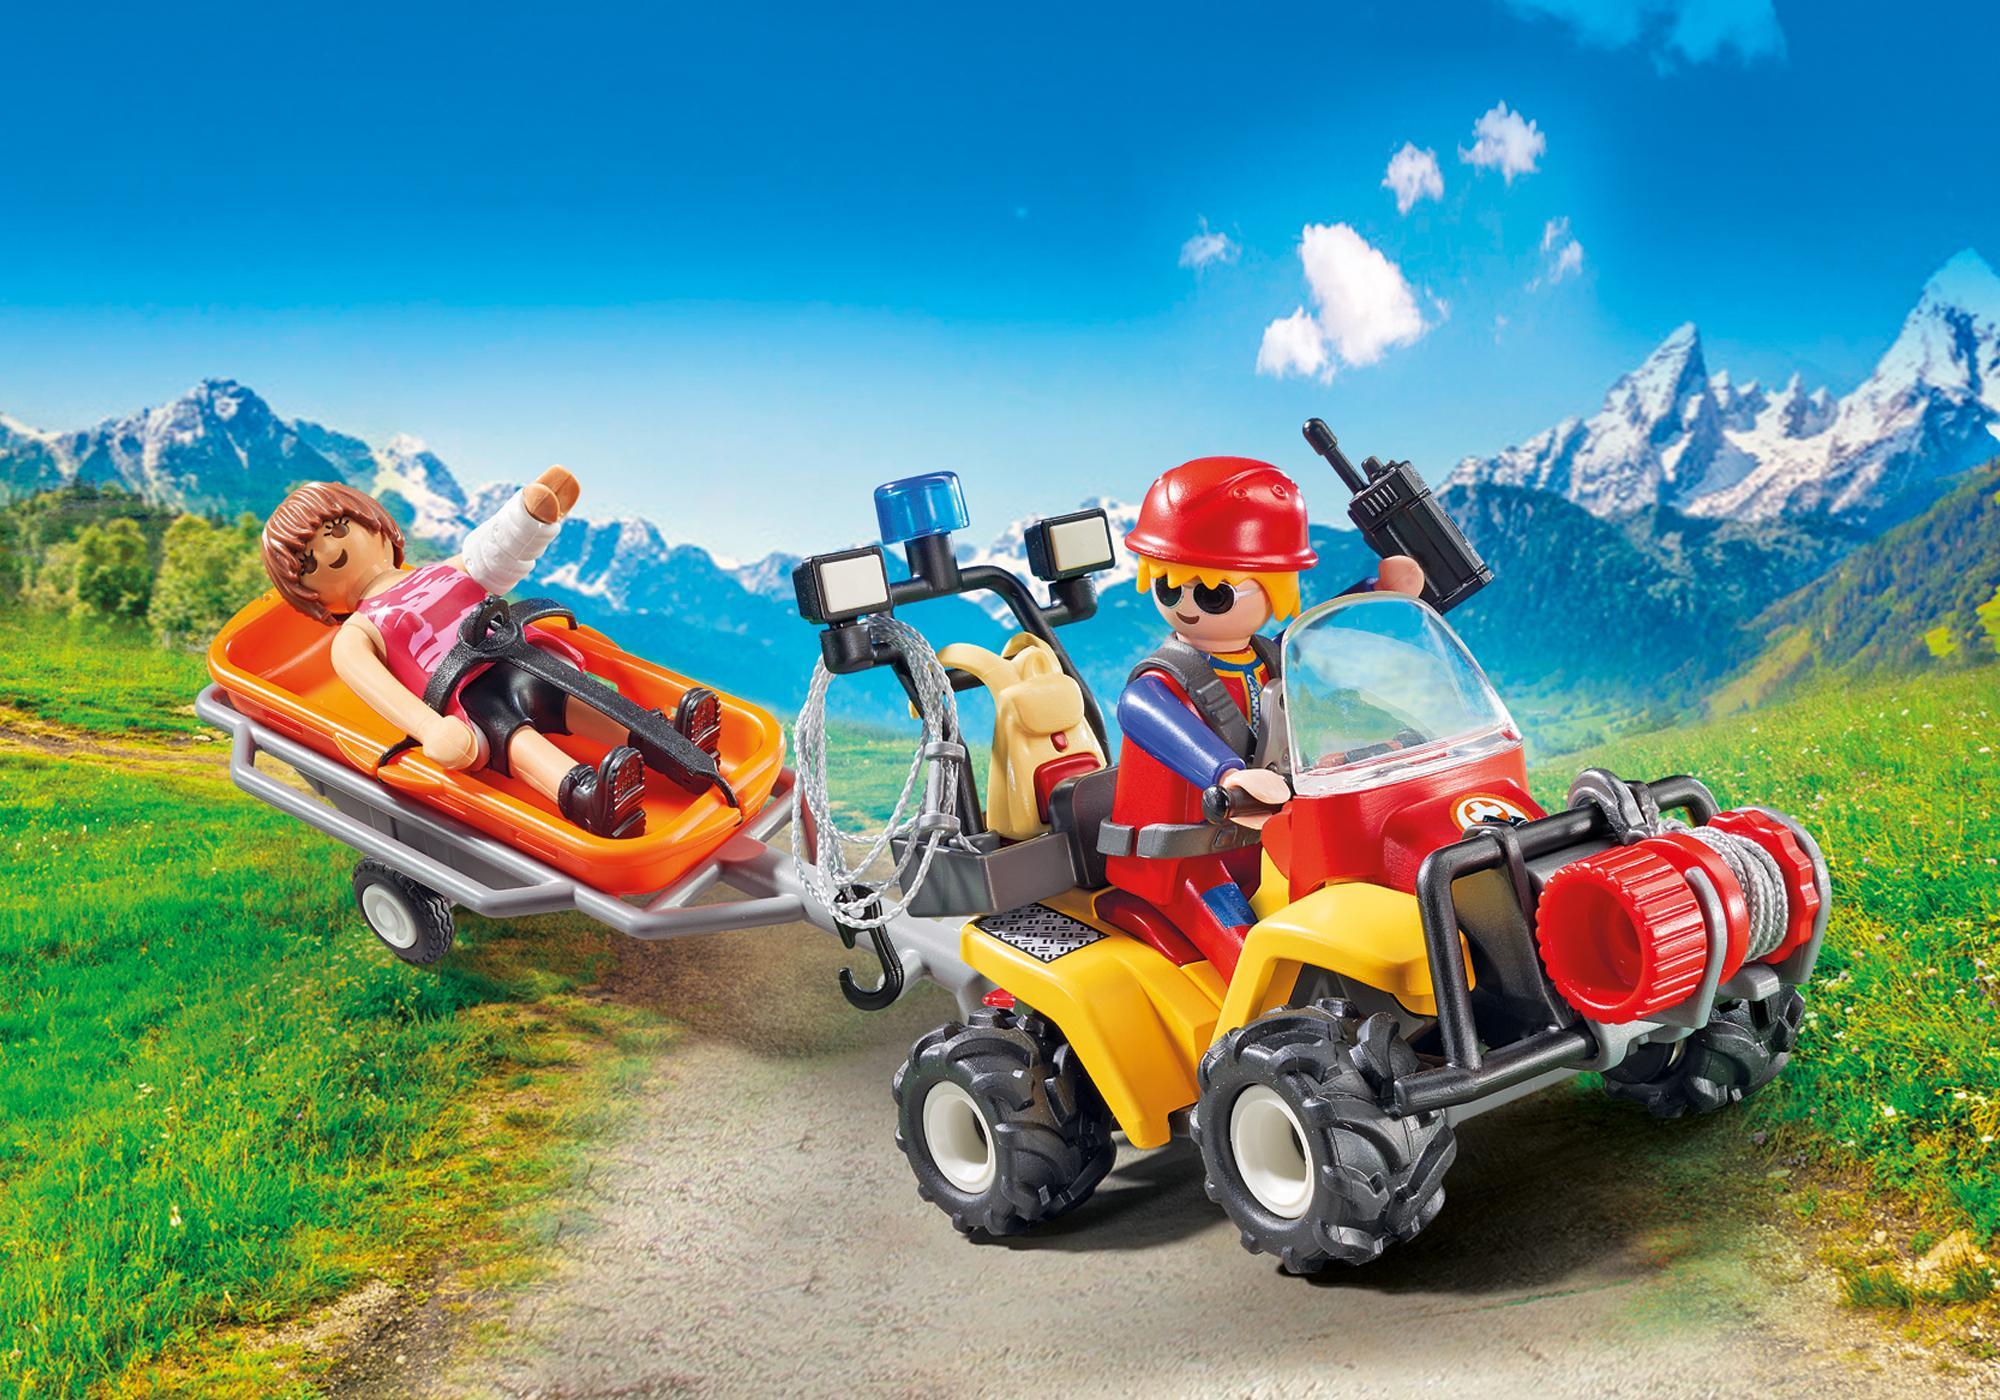 http://media.playmobil.com/i/playmobil/9130_product_detail/Quad soccorso alpino